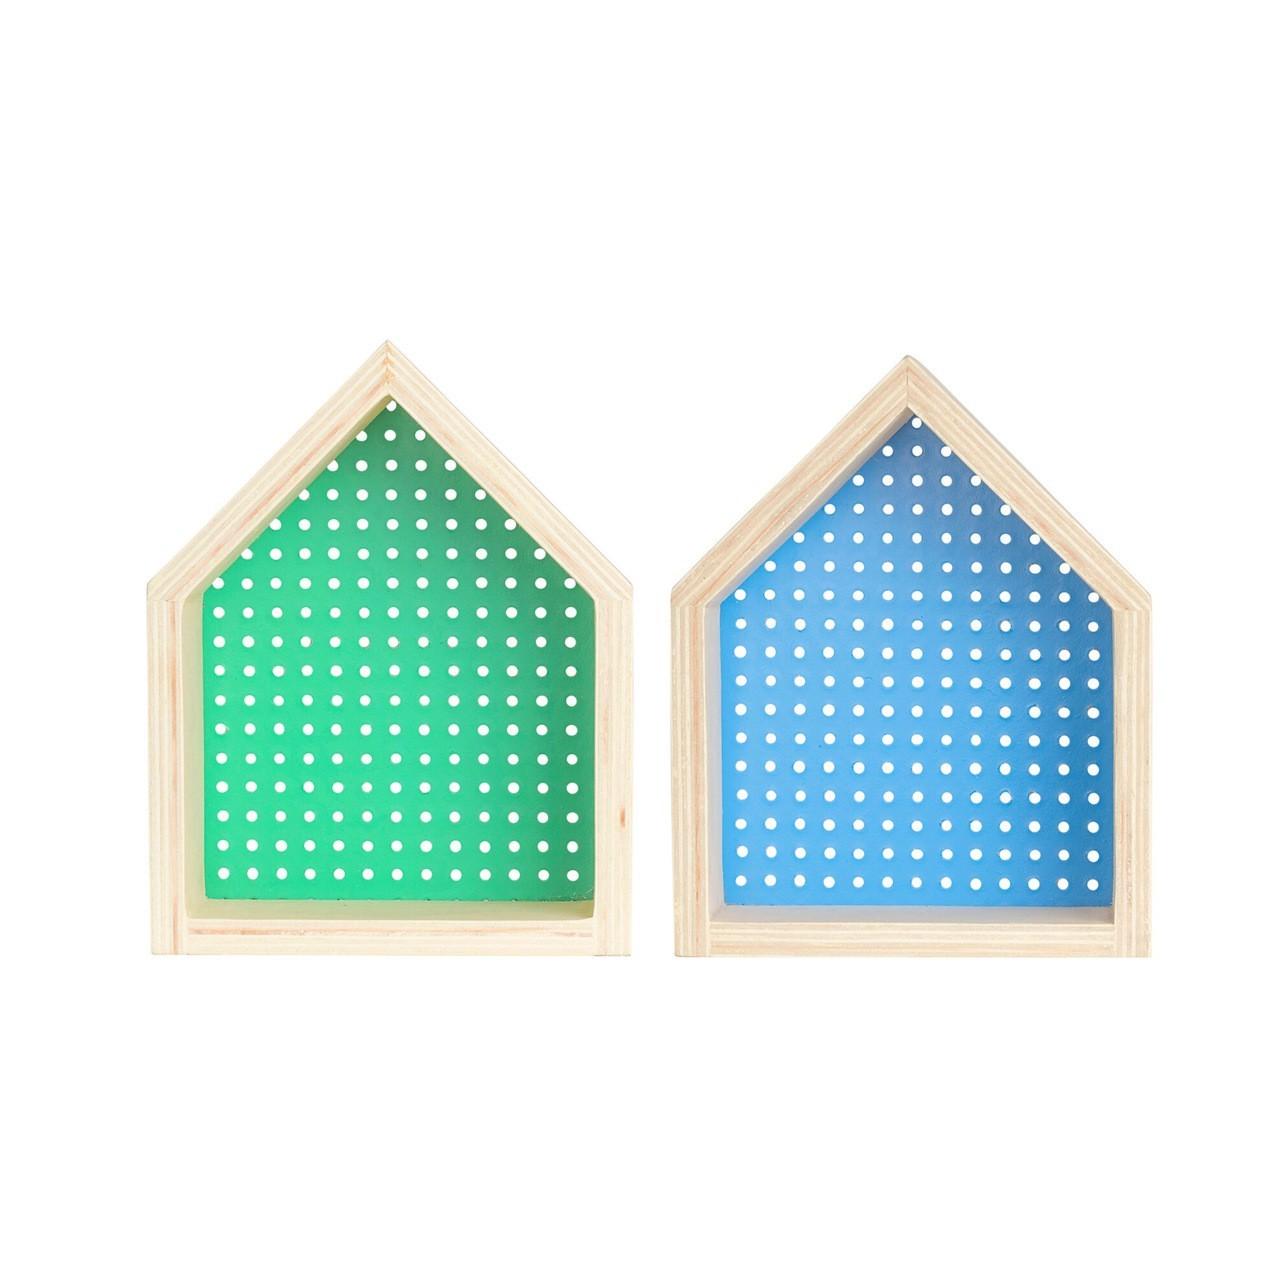 Kit Nicho Casinha perfurado  decoração 26 x 10 x 20 cm cor verde e azul  - Pomelo Decor